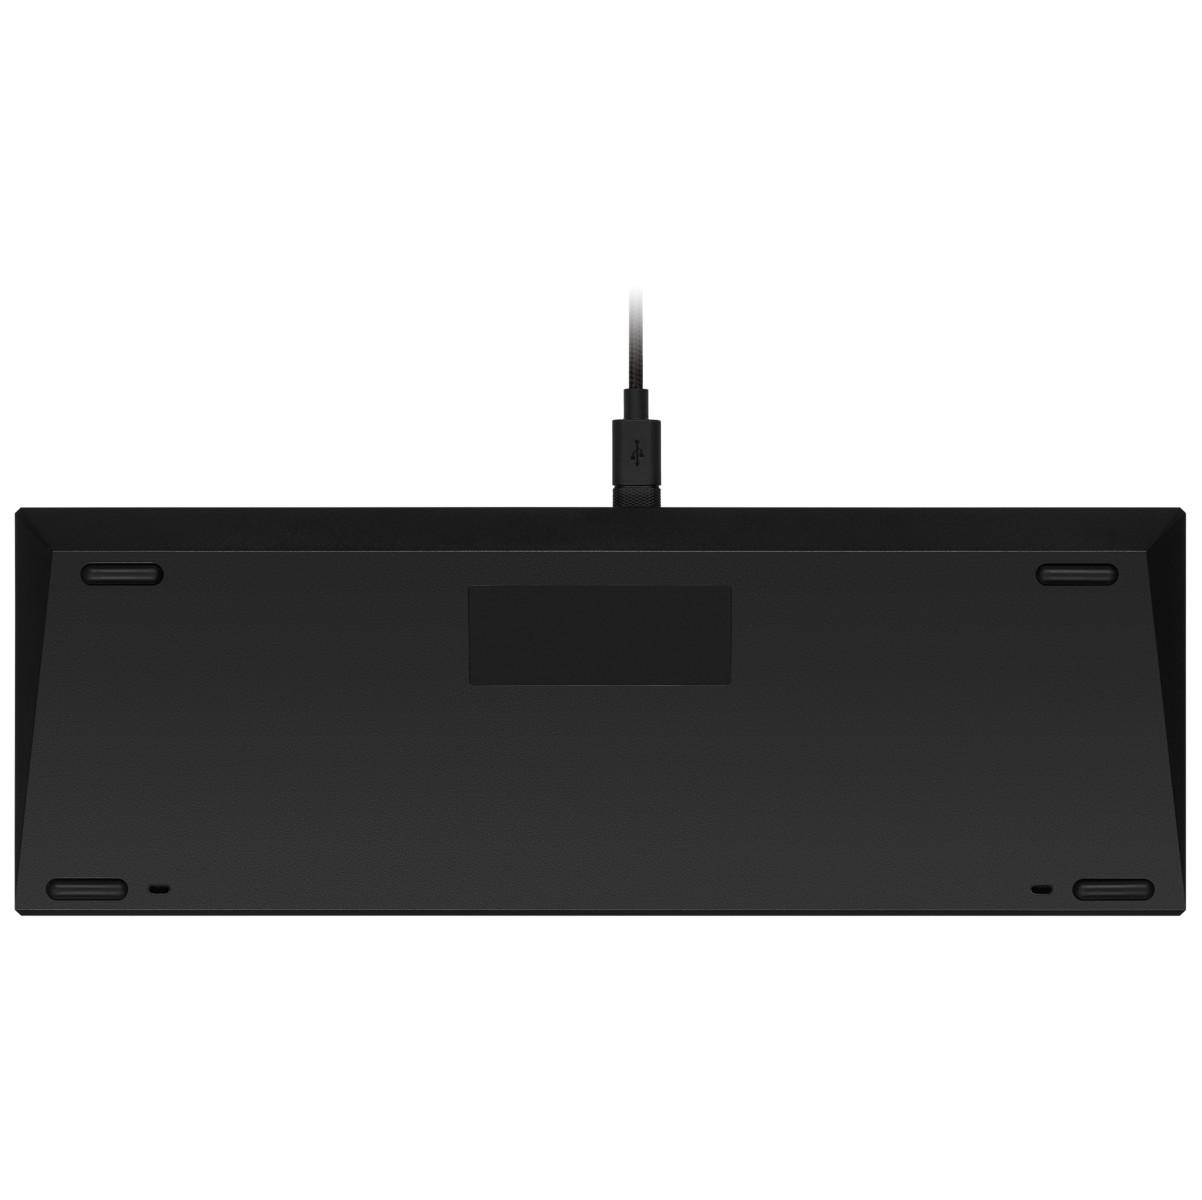 Bàn Phím Cơ Corsair K65 RGB MINI - Hàng Chính Hãng